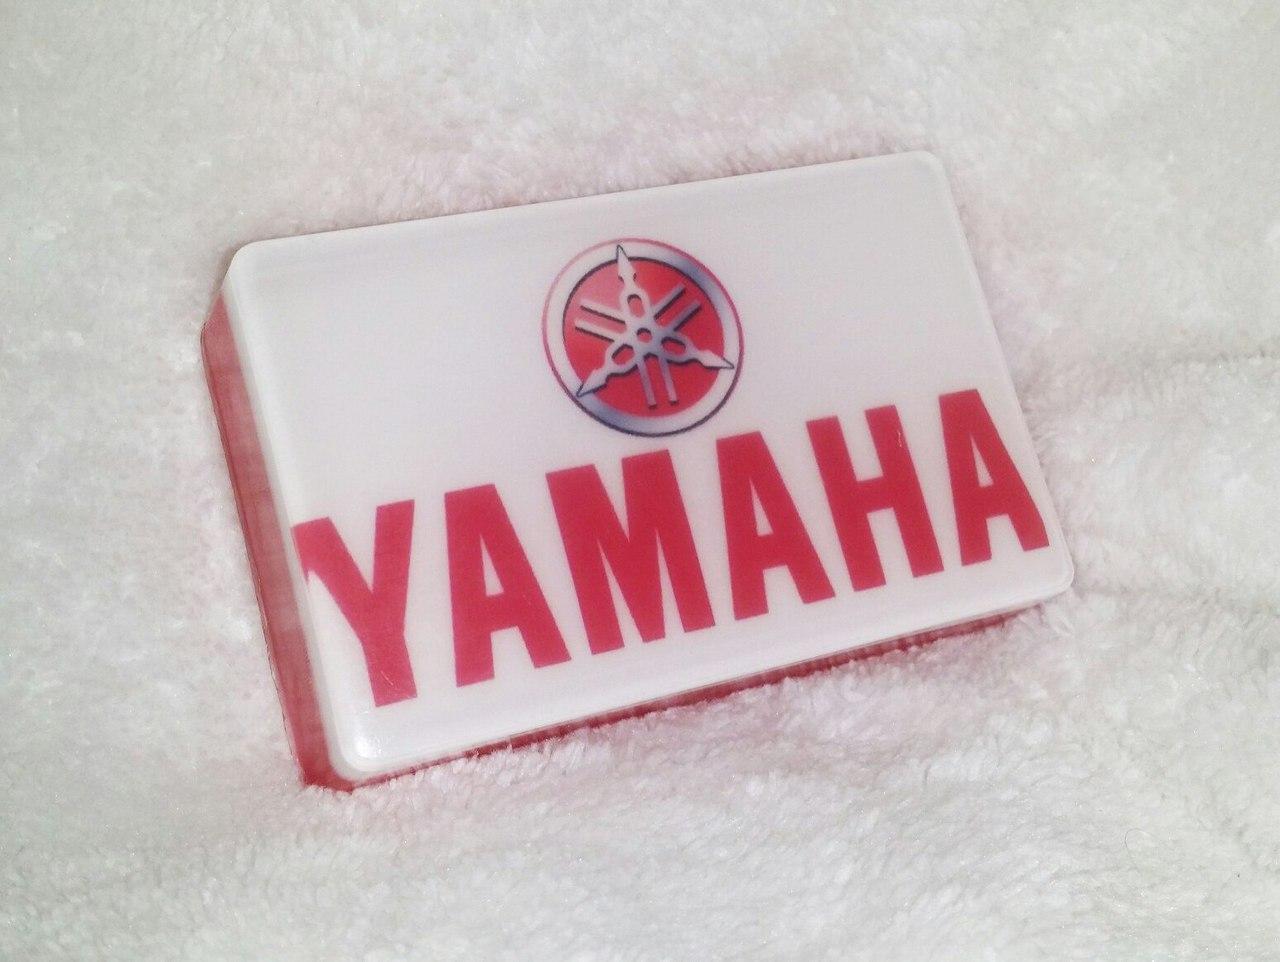 Мото-мыло с логотипом Yamaha